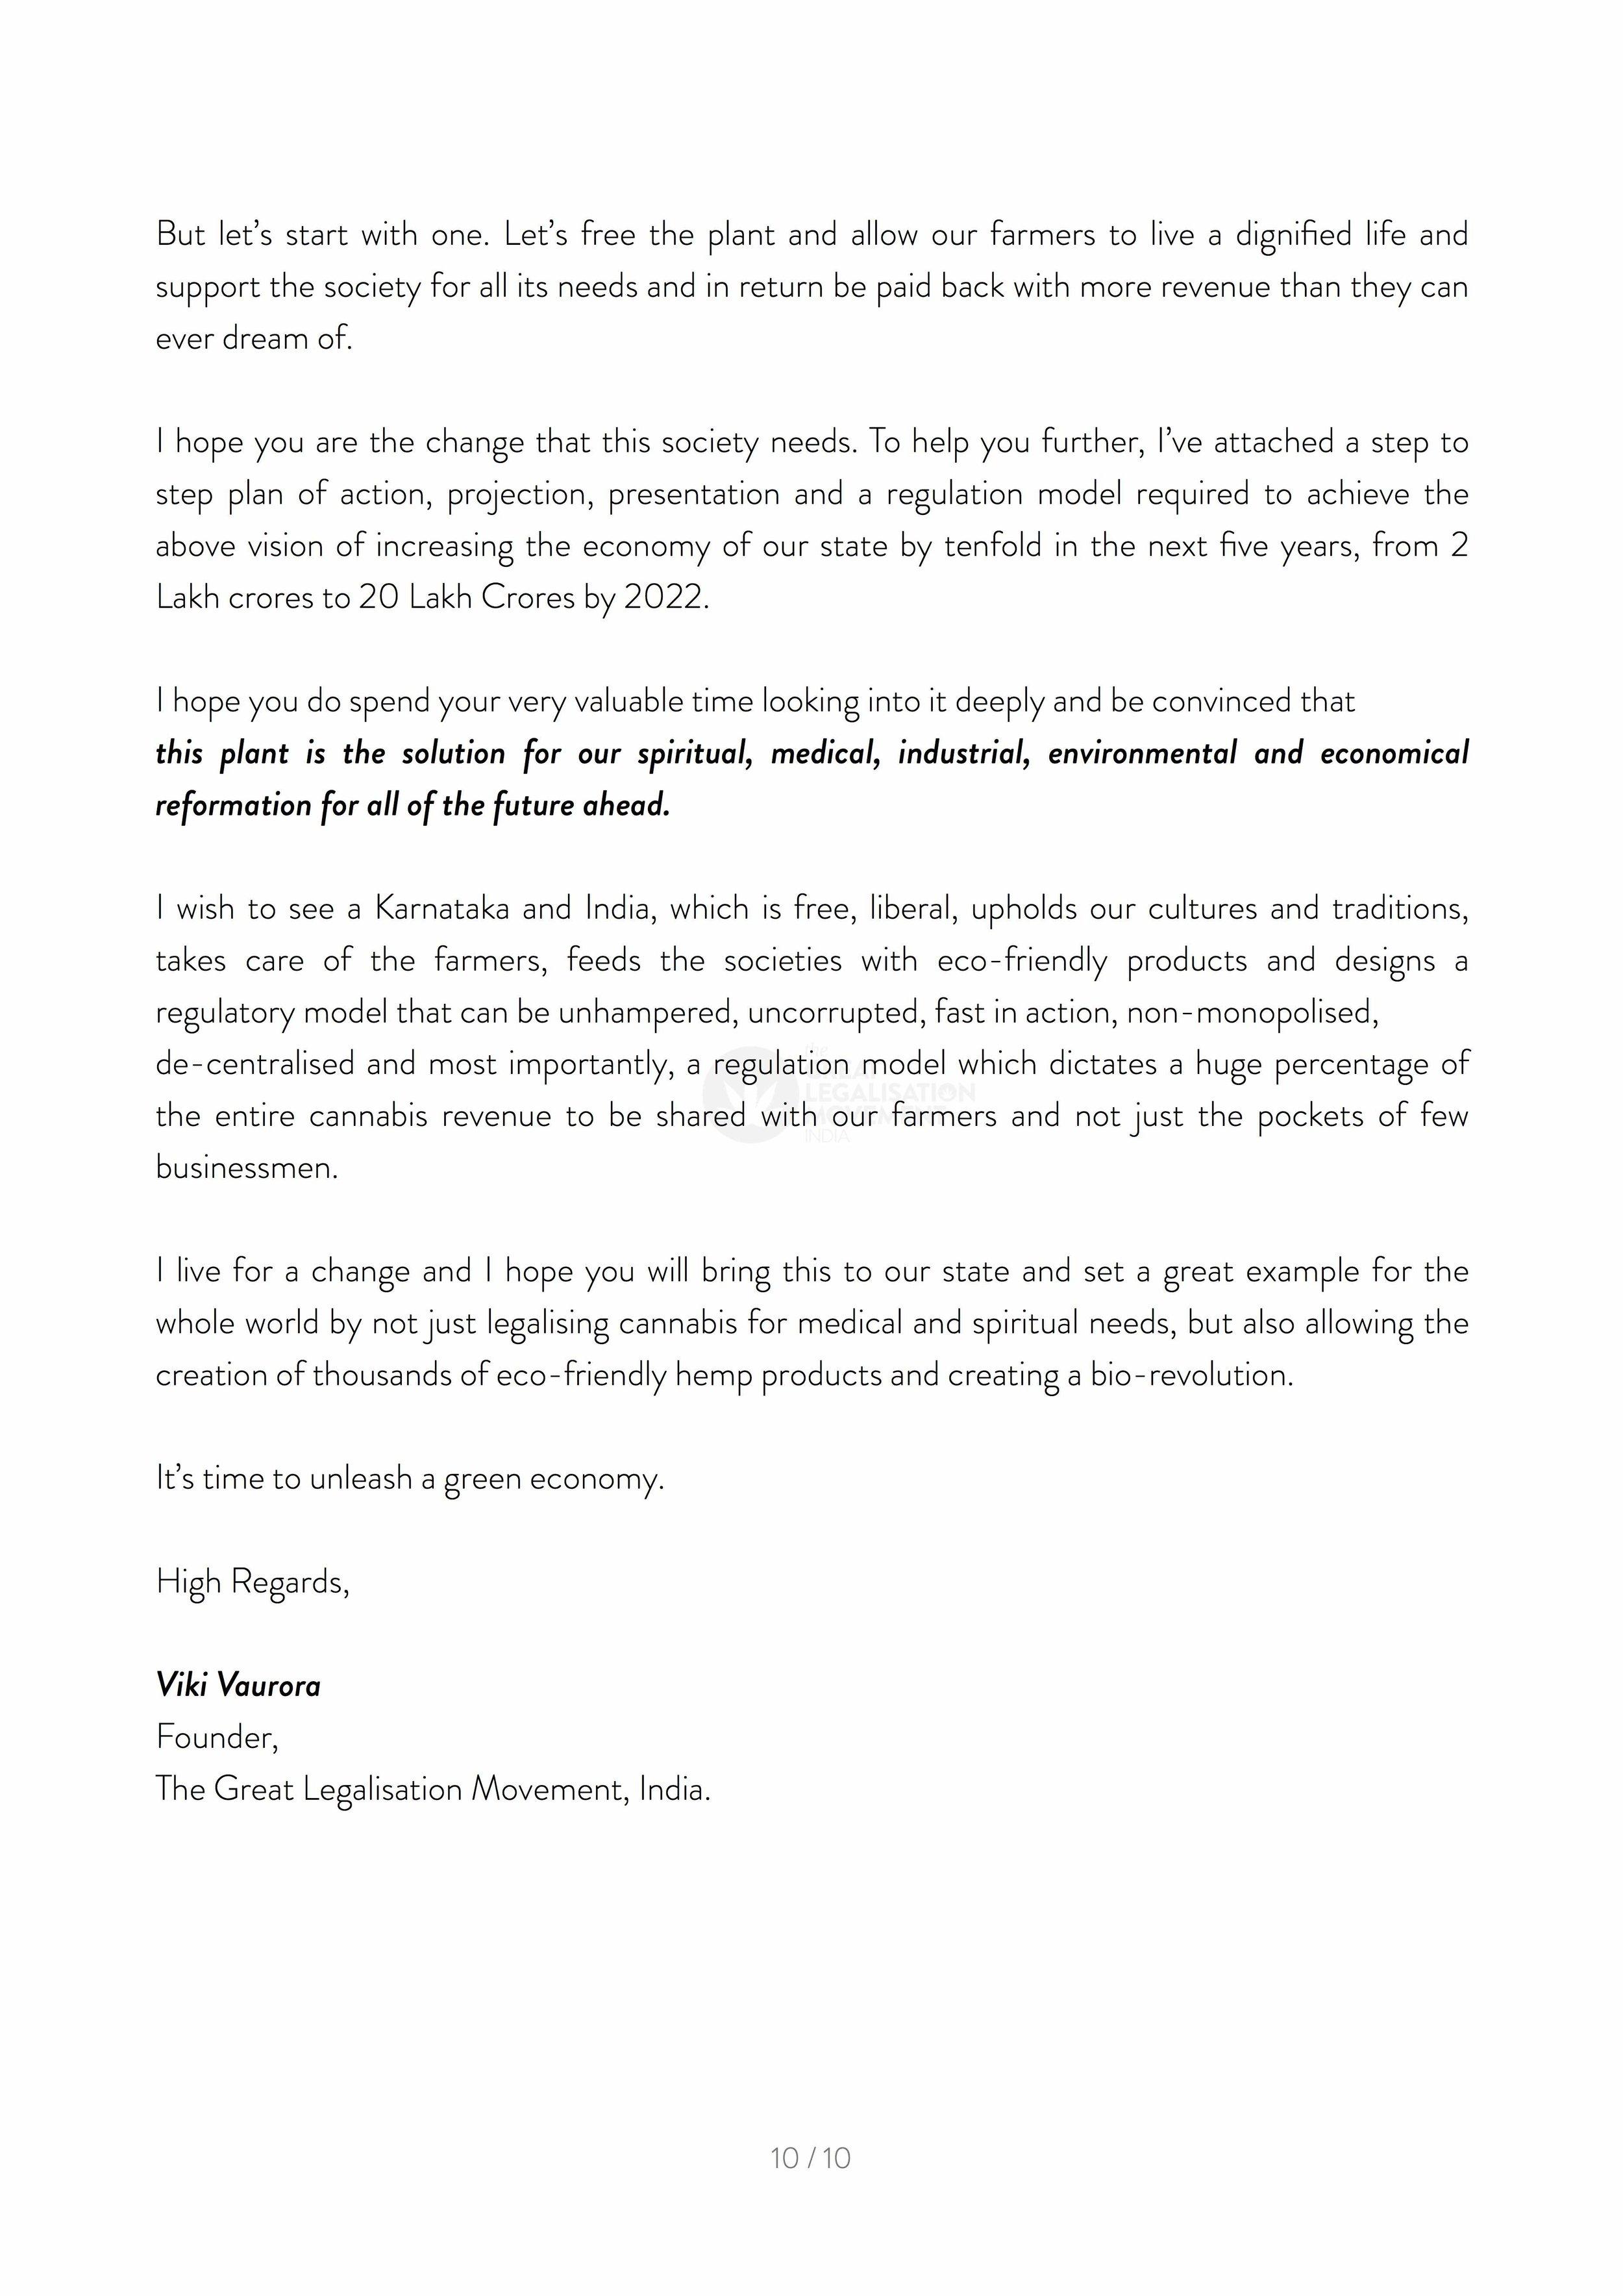 Letter to Kumaraswamy 7_10.jpg